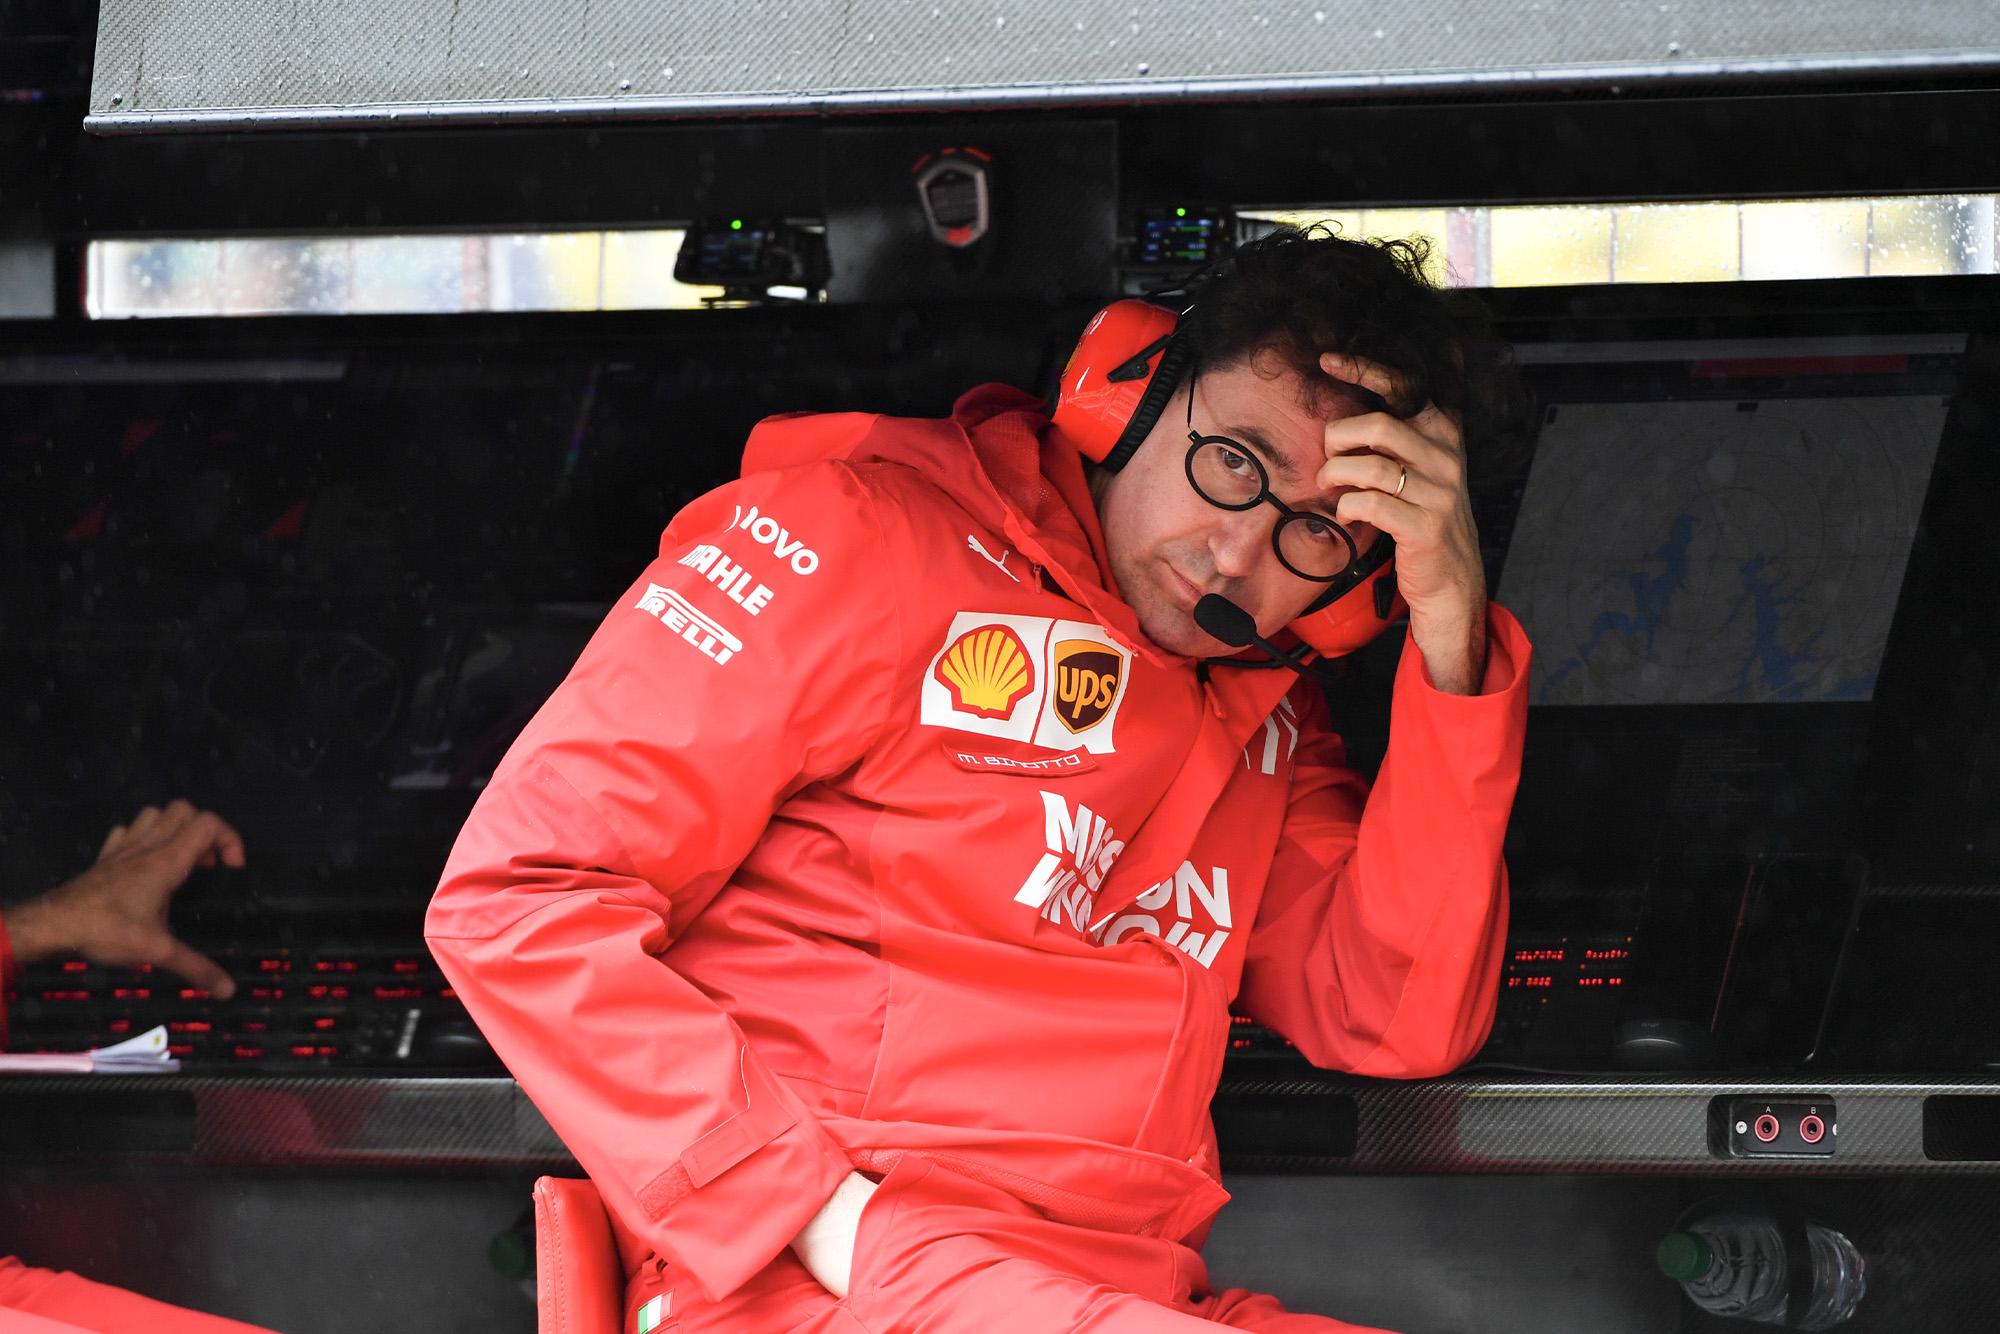 Mattia Binotto during the 2019 Brazilian Grand Prix weekend